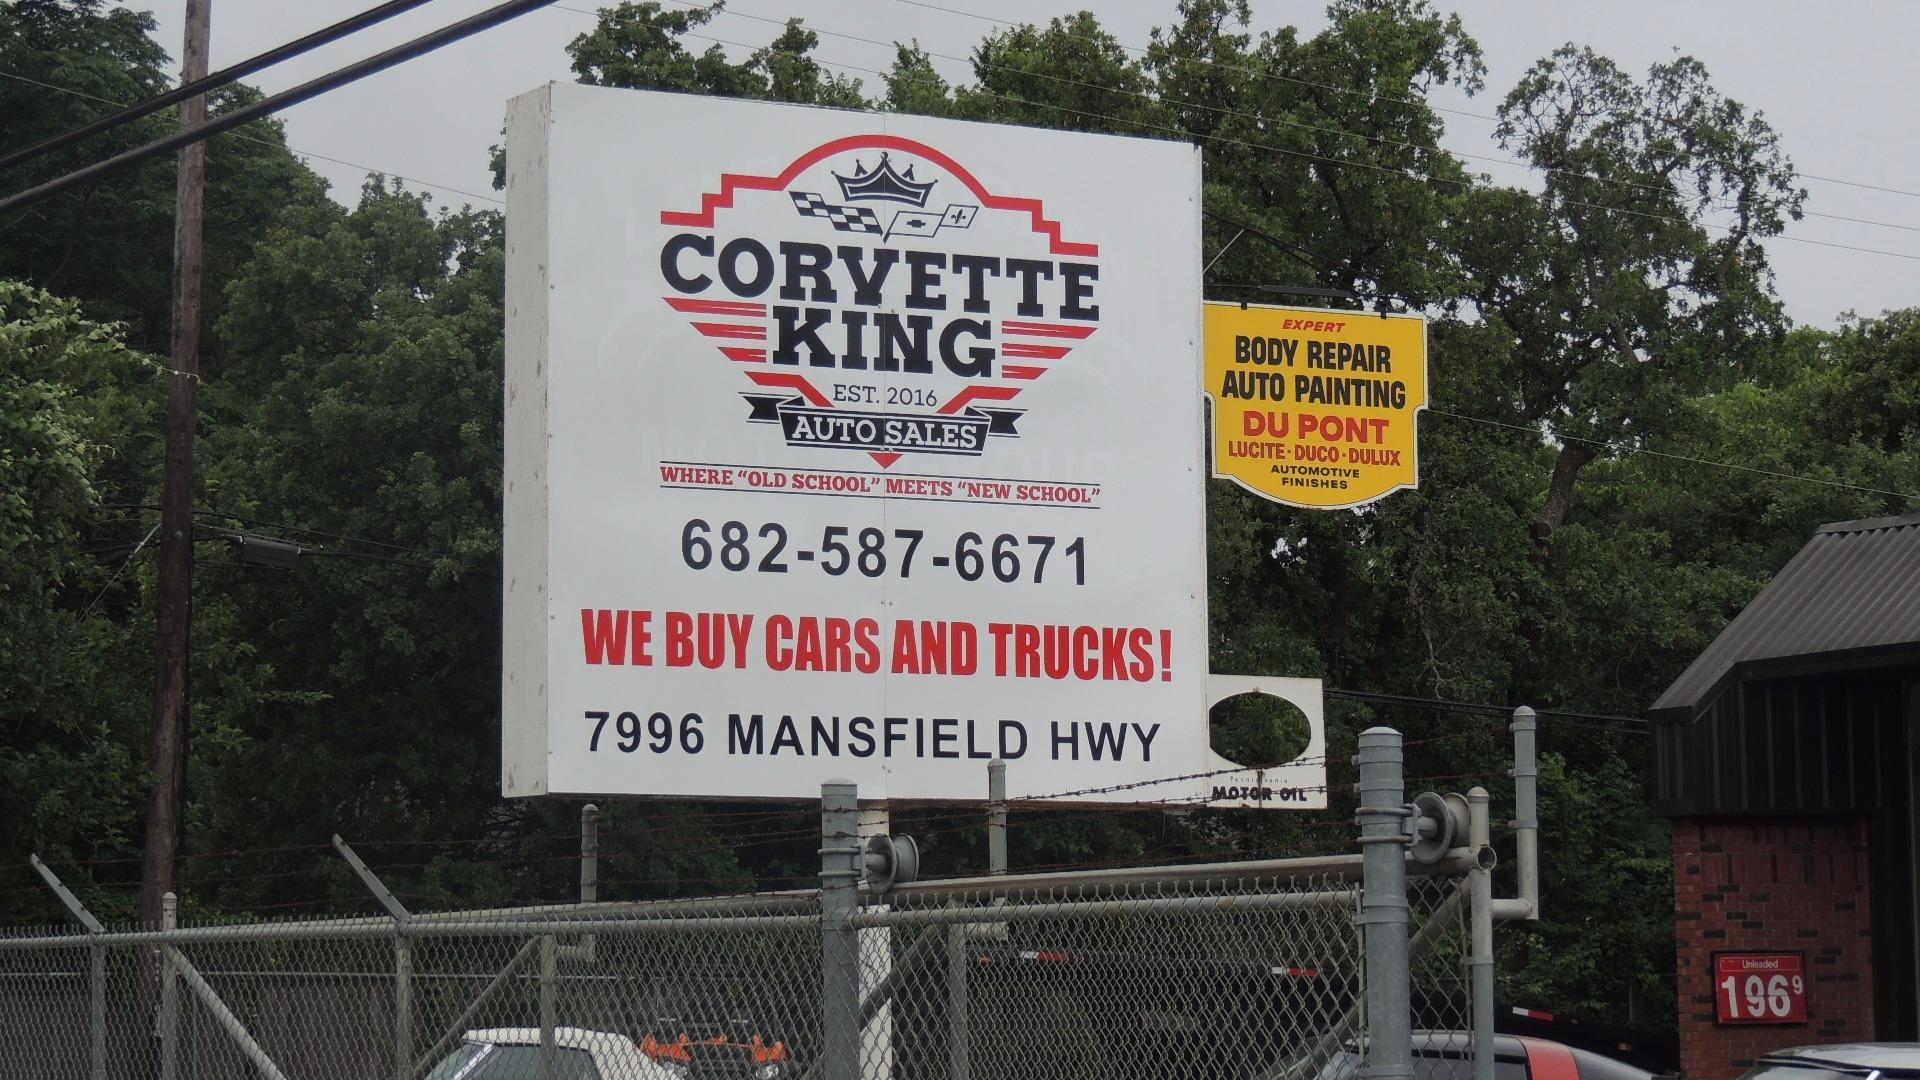 Corvette King Auto Sales image 0